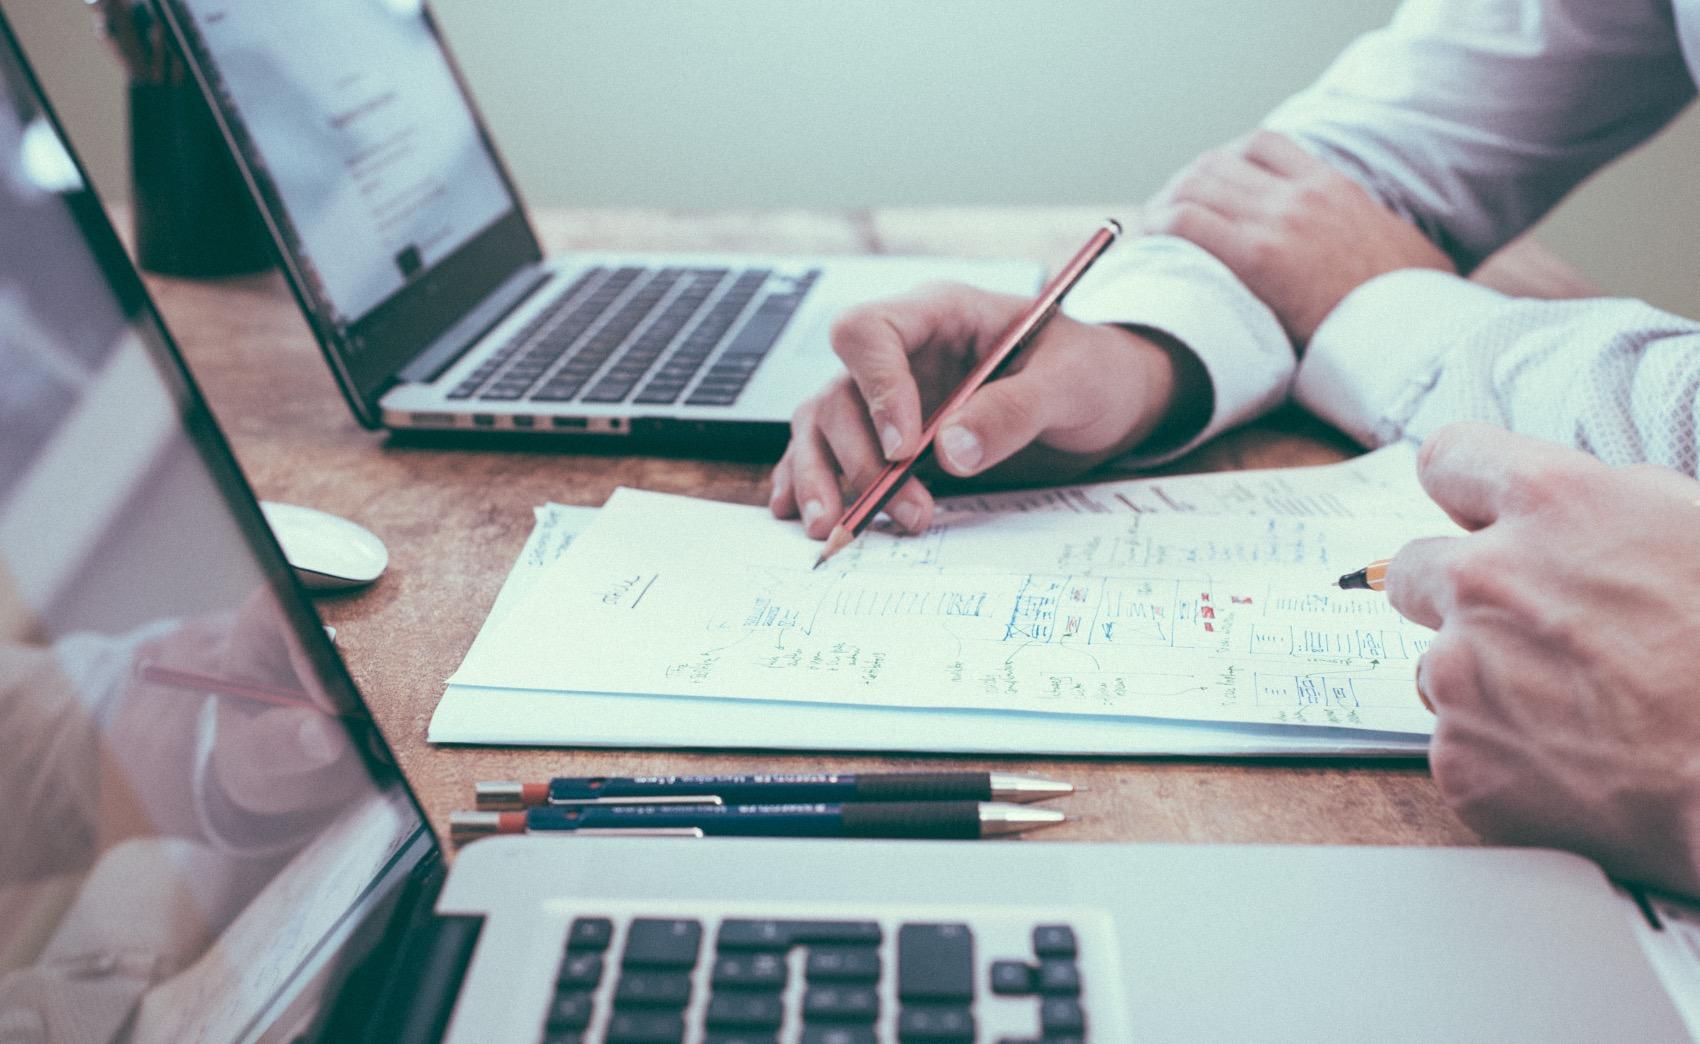 O que alterou nosserviços de contabilidadenos últimos anos?